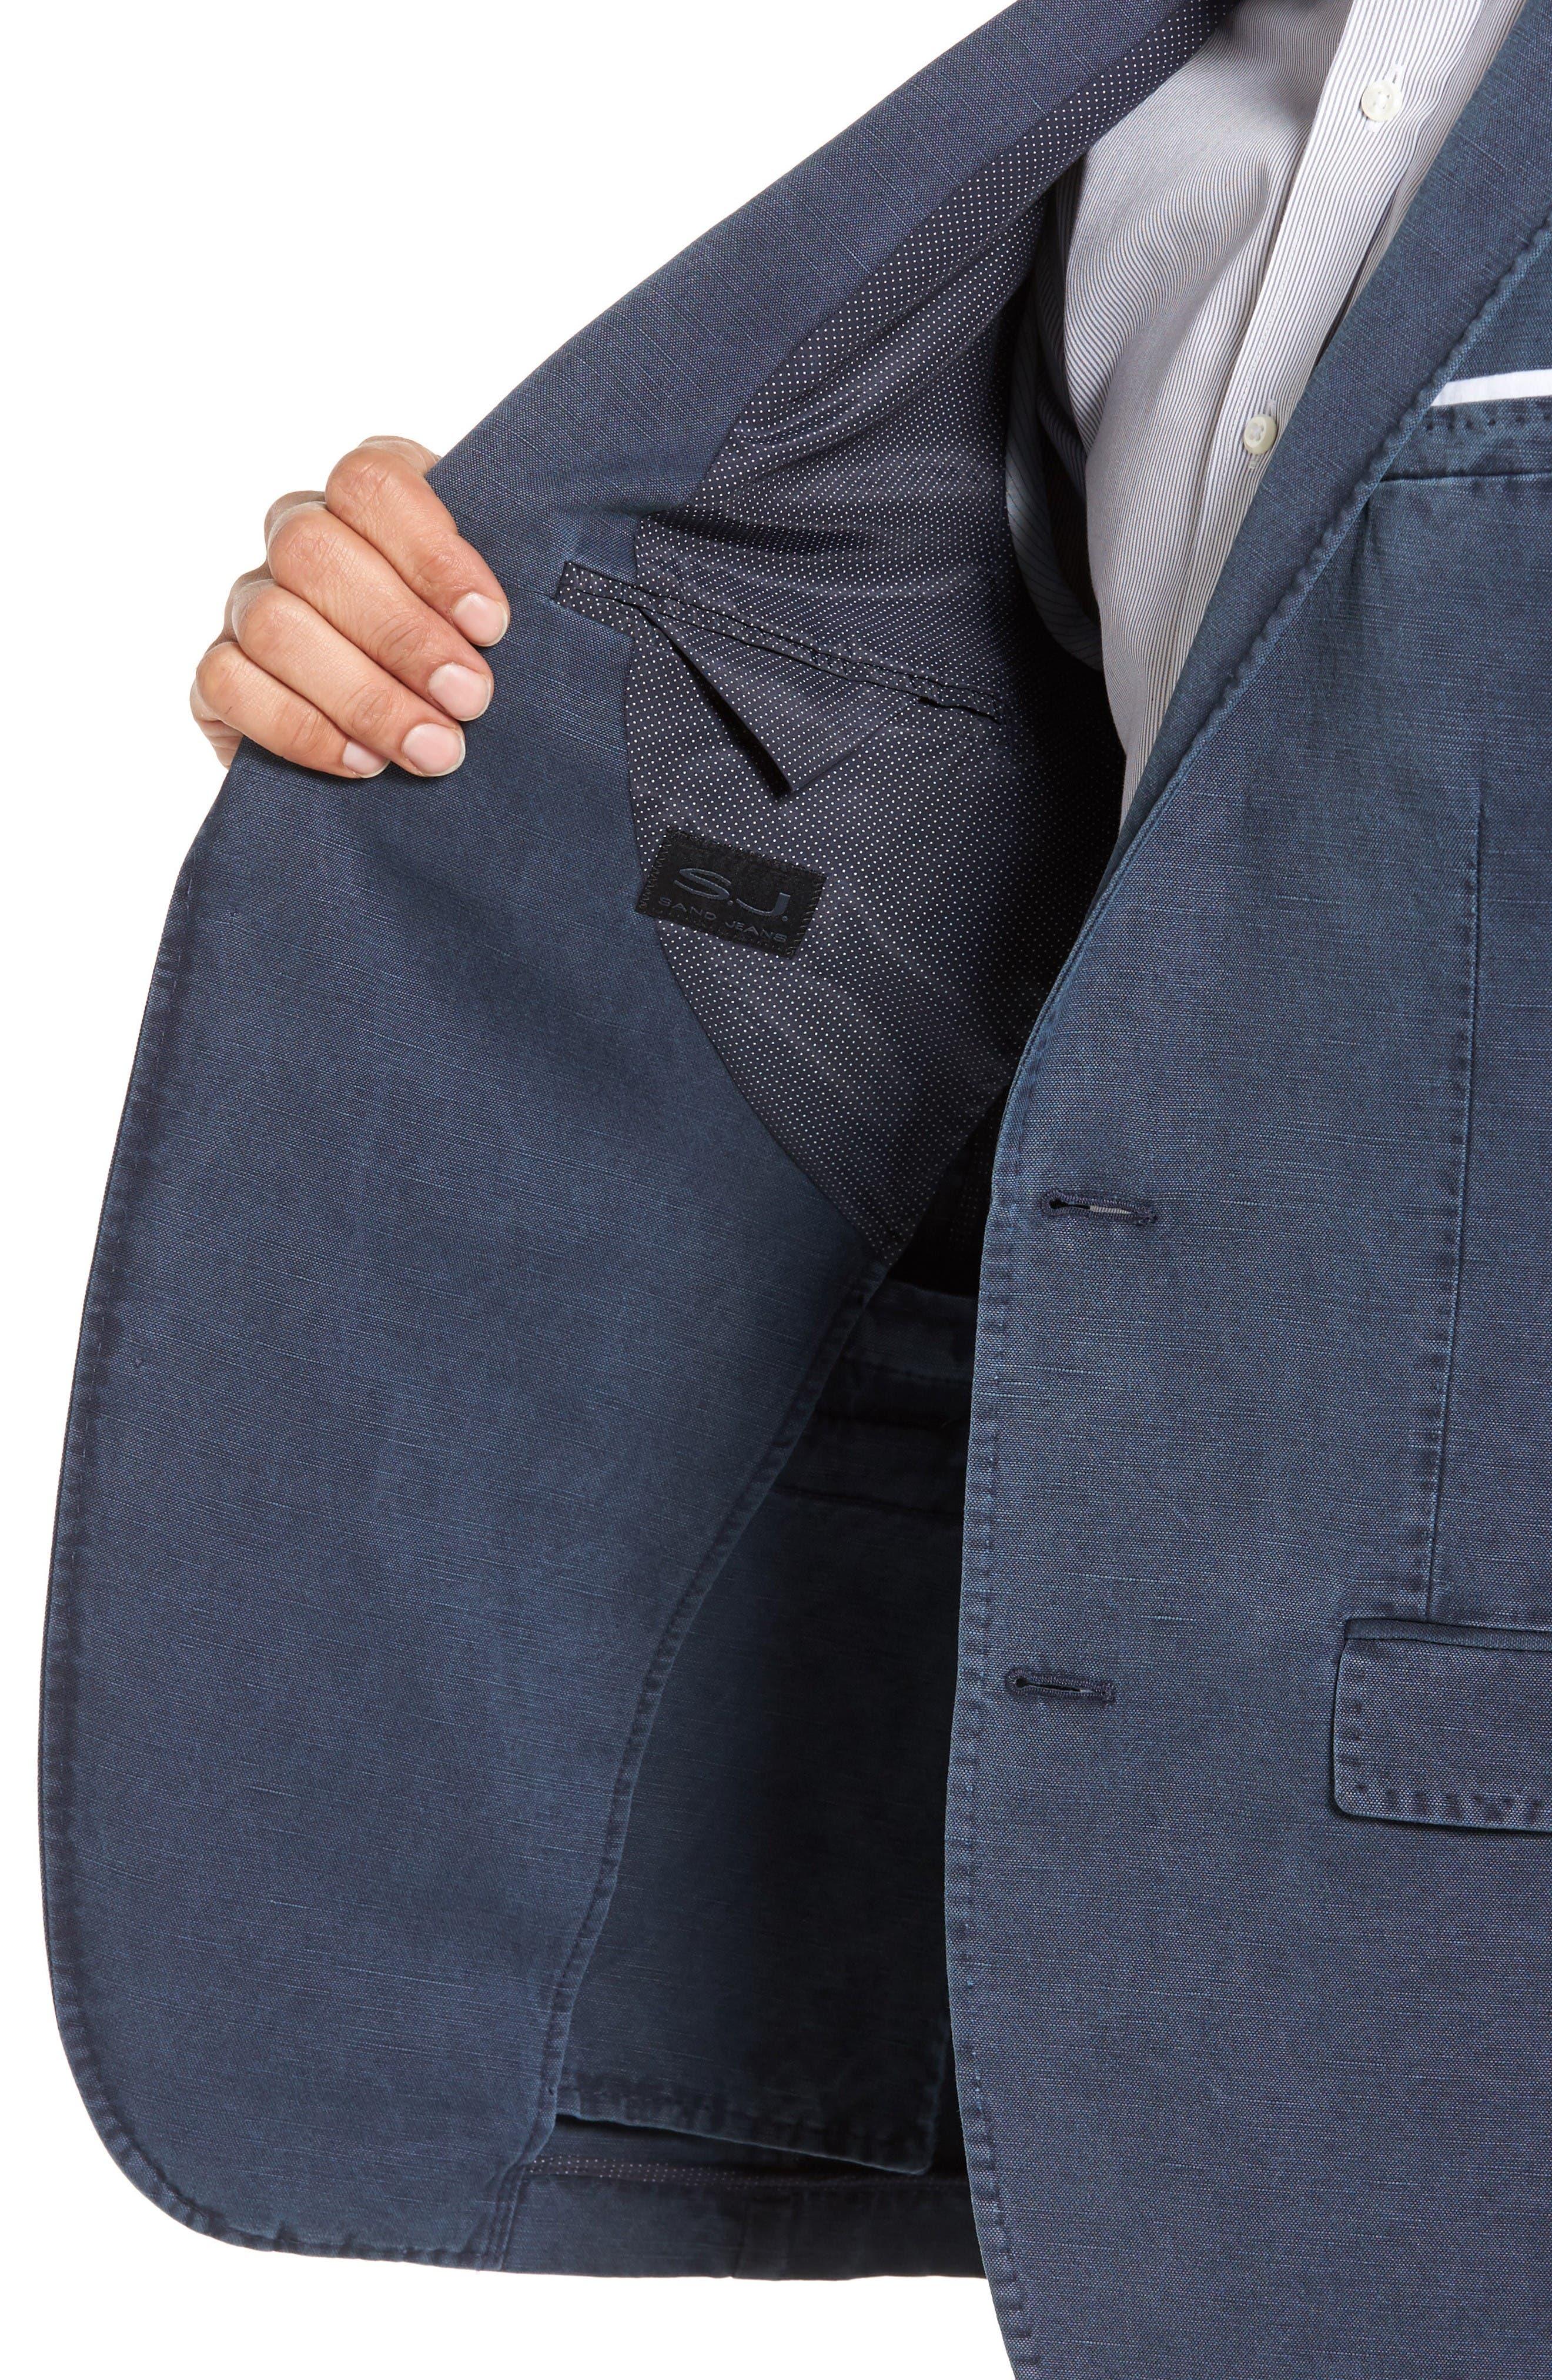 Trim Fit Cotton & Linen Blazer,                             Alternate thumbnail 4, color,                             Navy